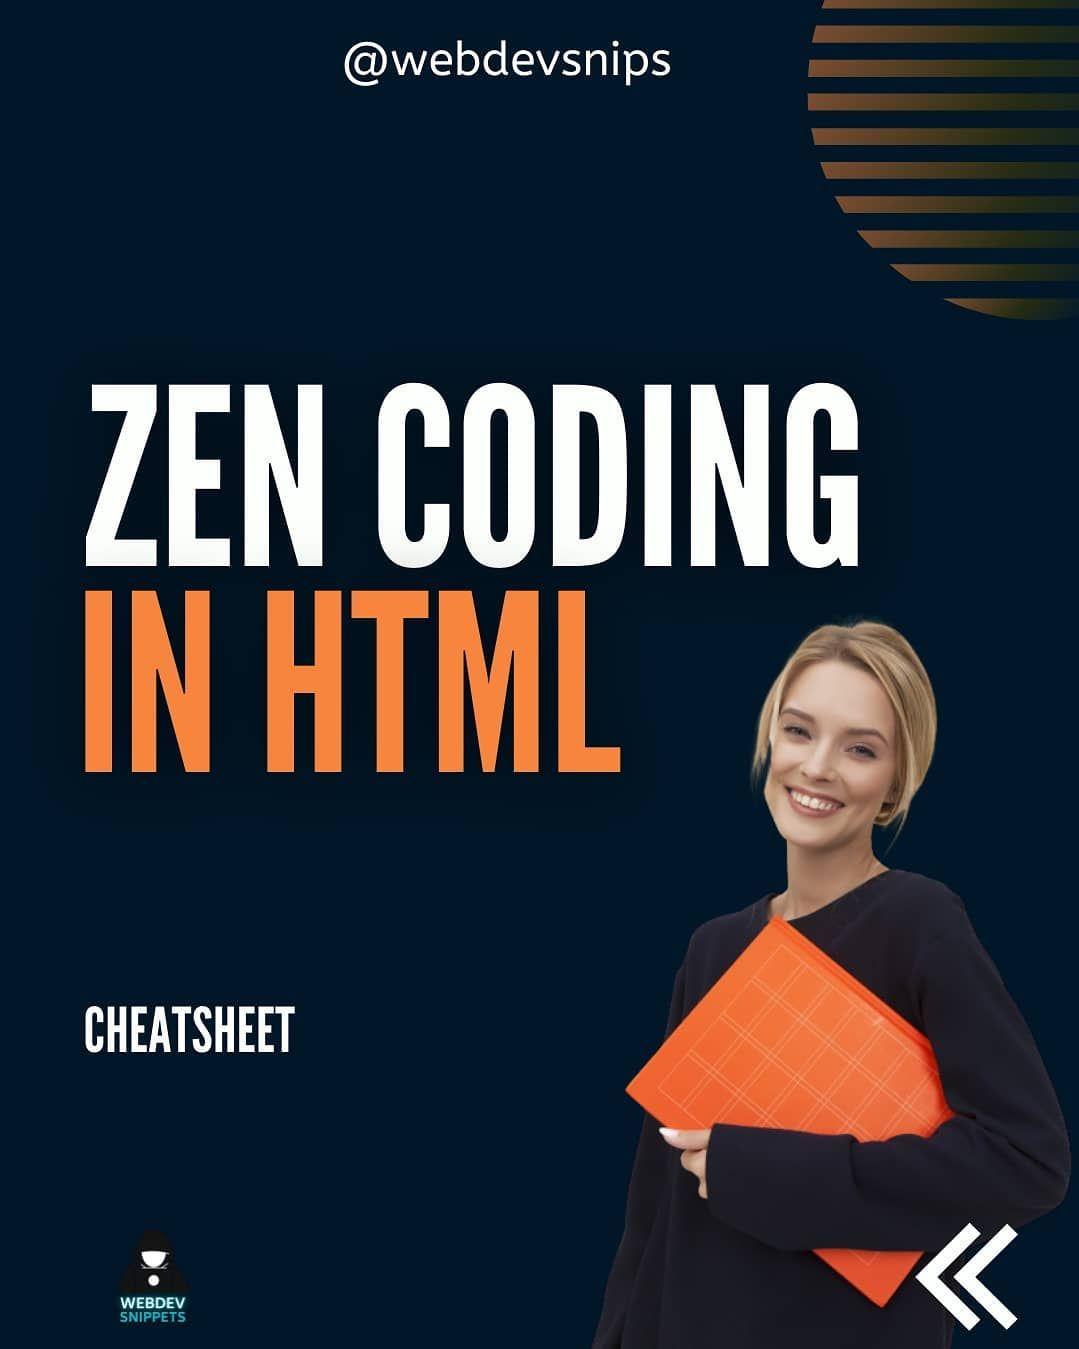 Zen coding in html